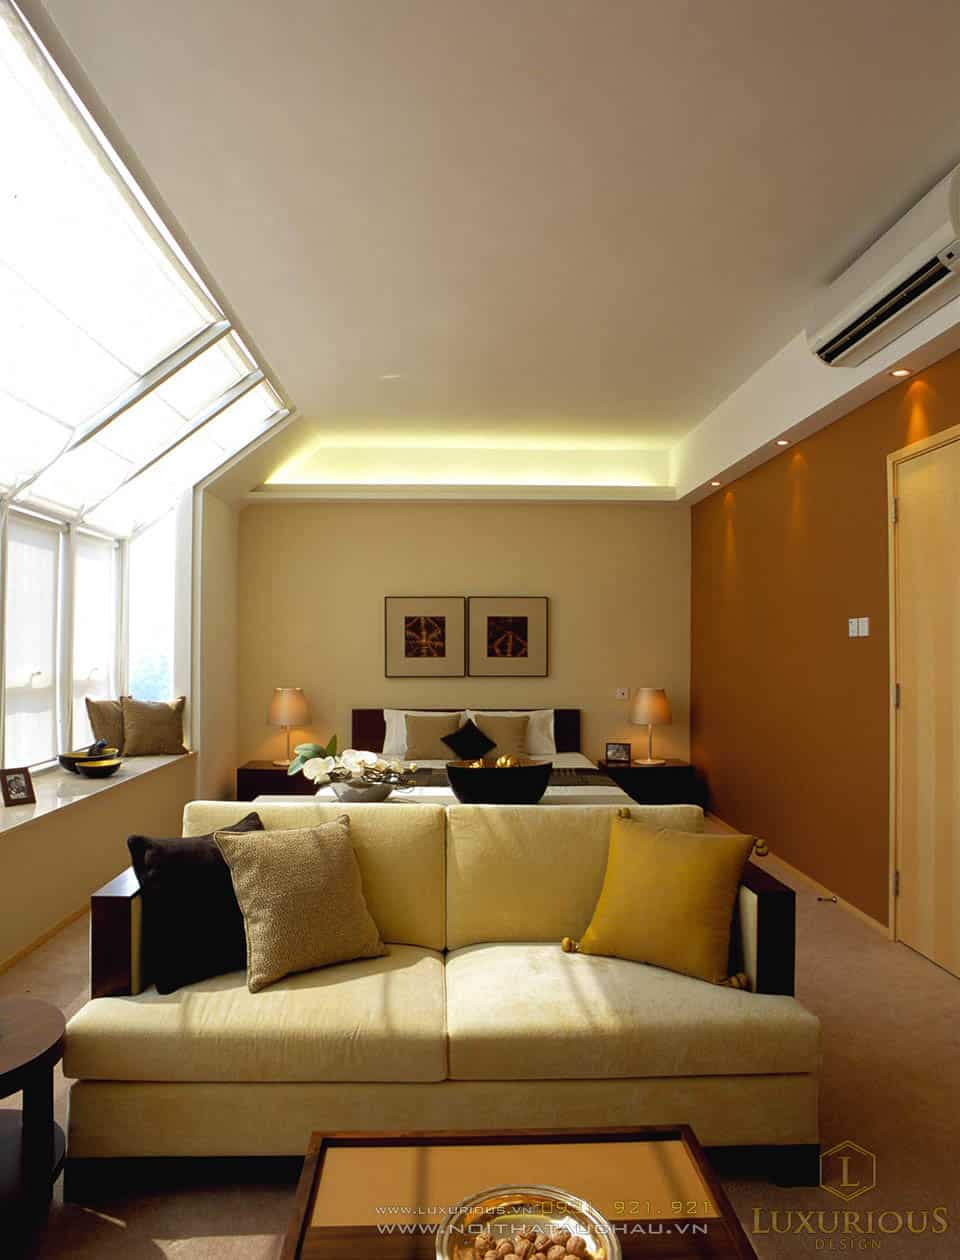 Thi công nội thất phòng khách nhà biệt thự hiện đại sang trọng